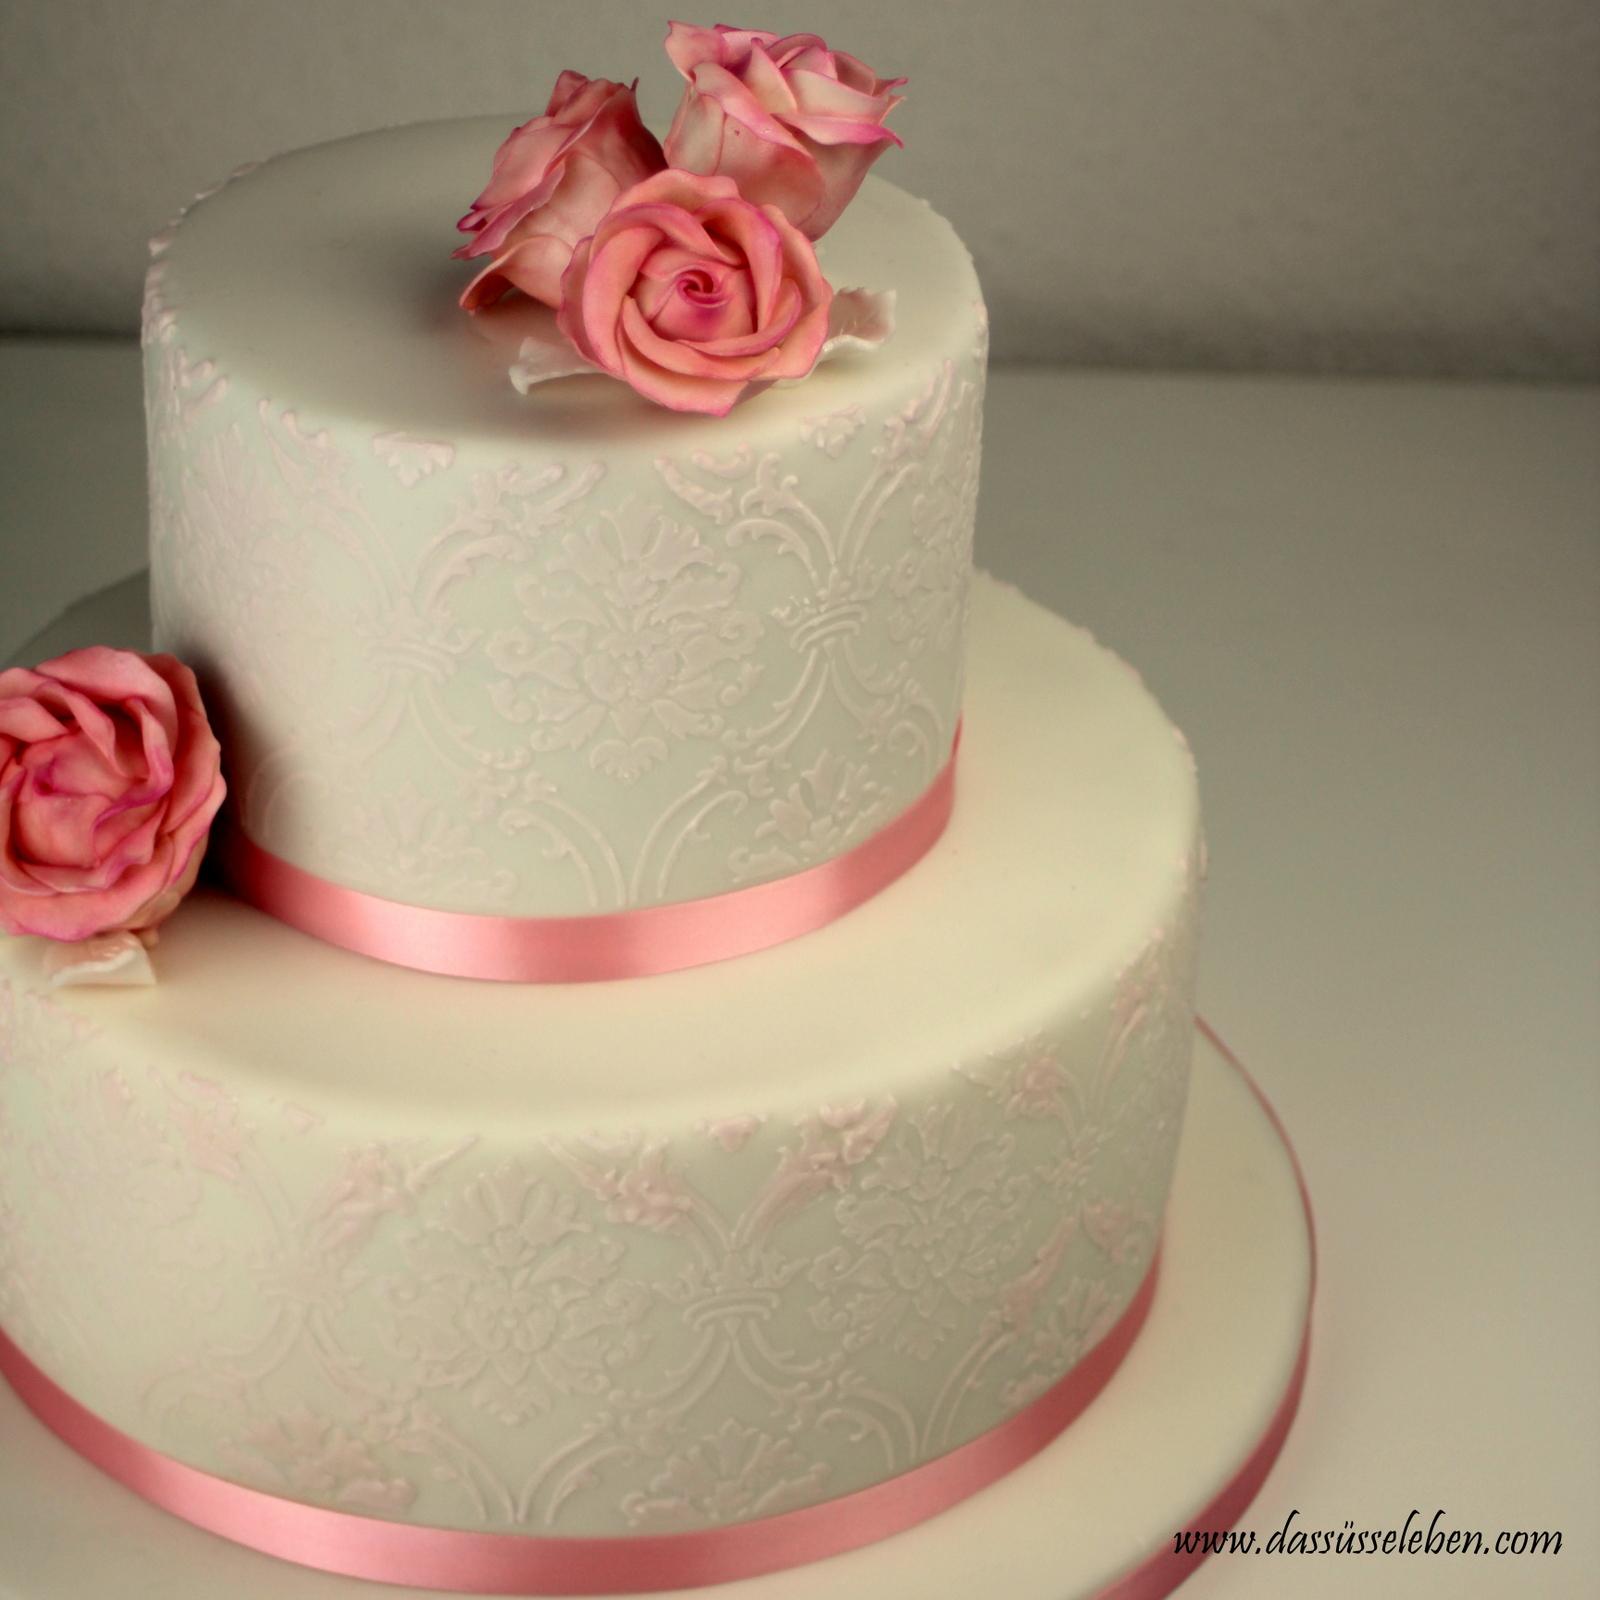 Rezept Rosafarbene Hochzeitstorte Mit Brokat Muster Und Zuckerrosen